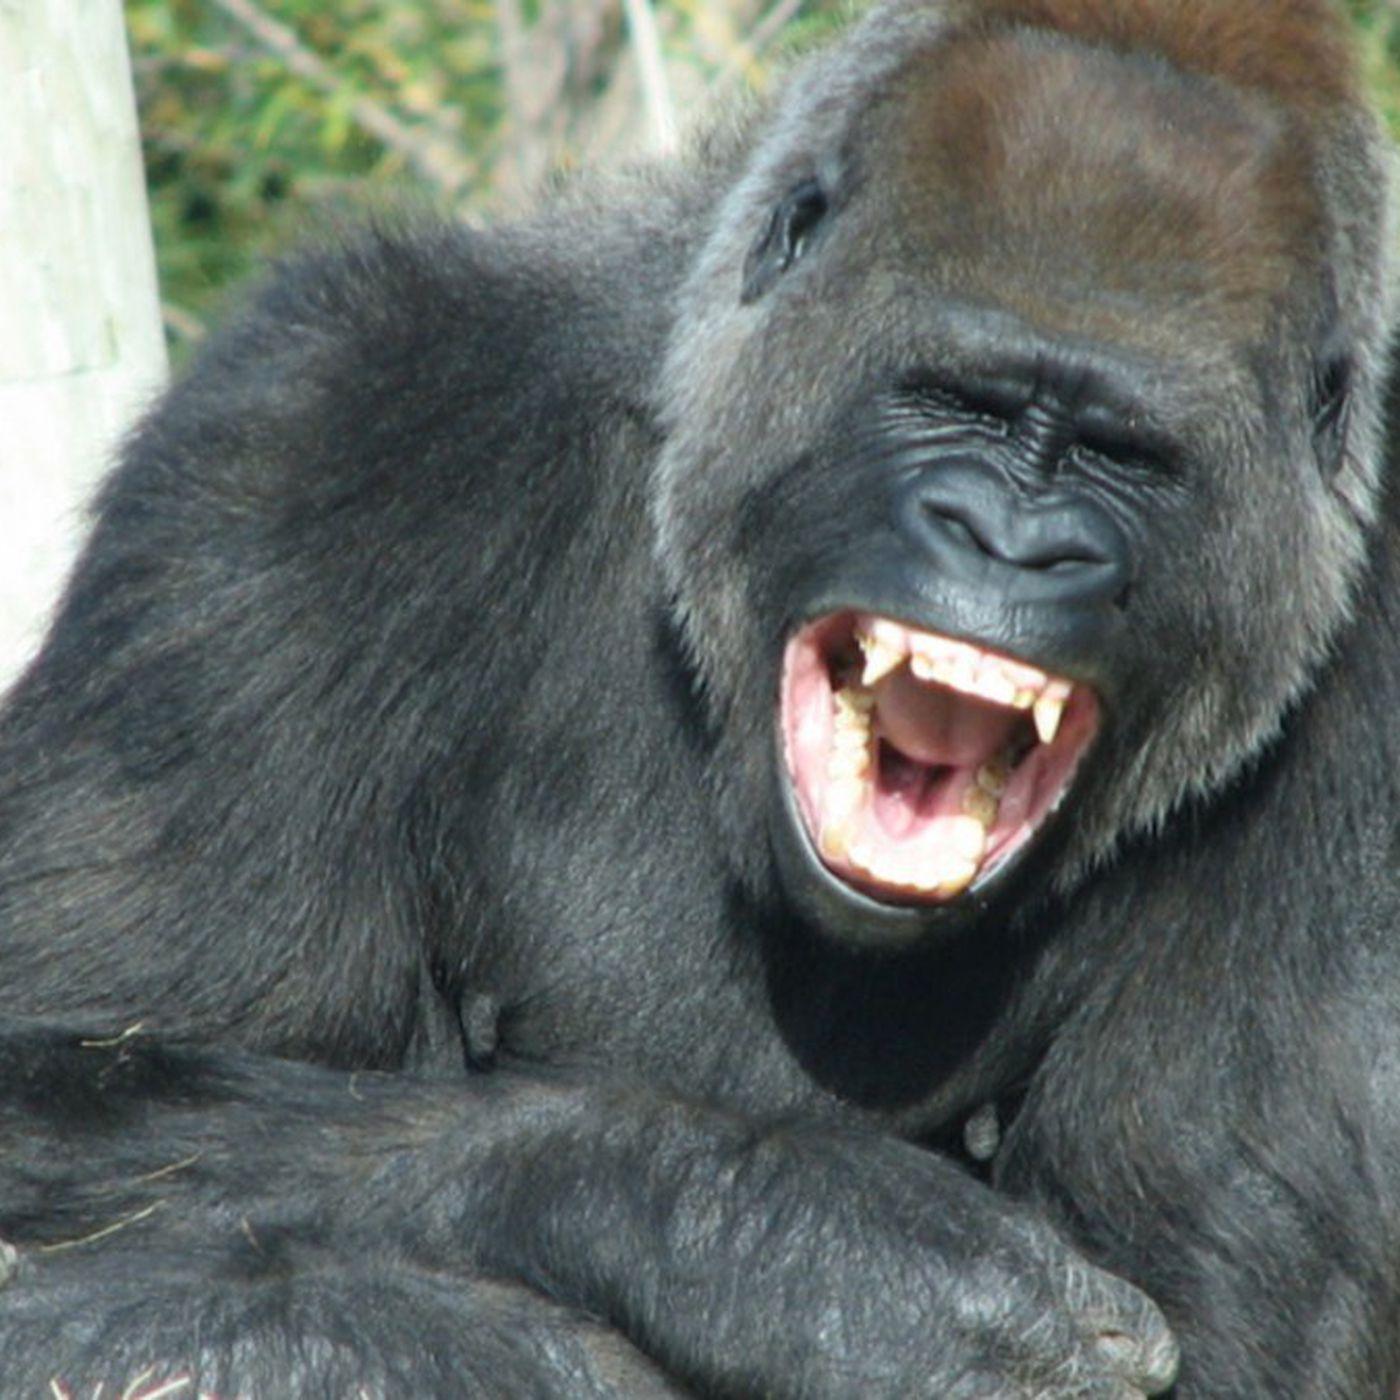 Mizahın ve Kahkahanın Evrimi: Maymun Homurdanmaları, Esprilere ve Kahkahalara Nasıl Dönüştü?